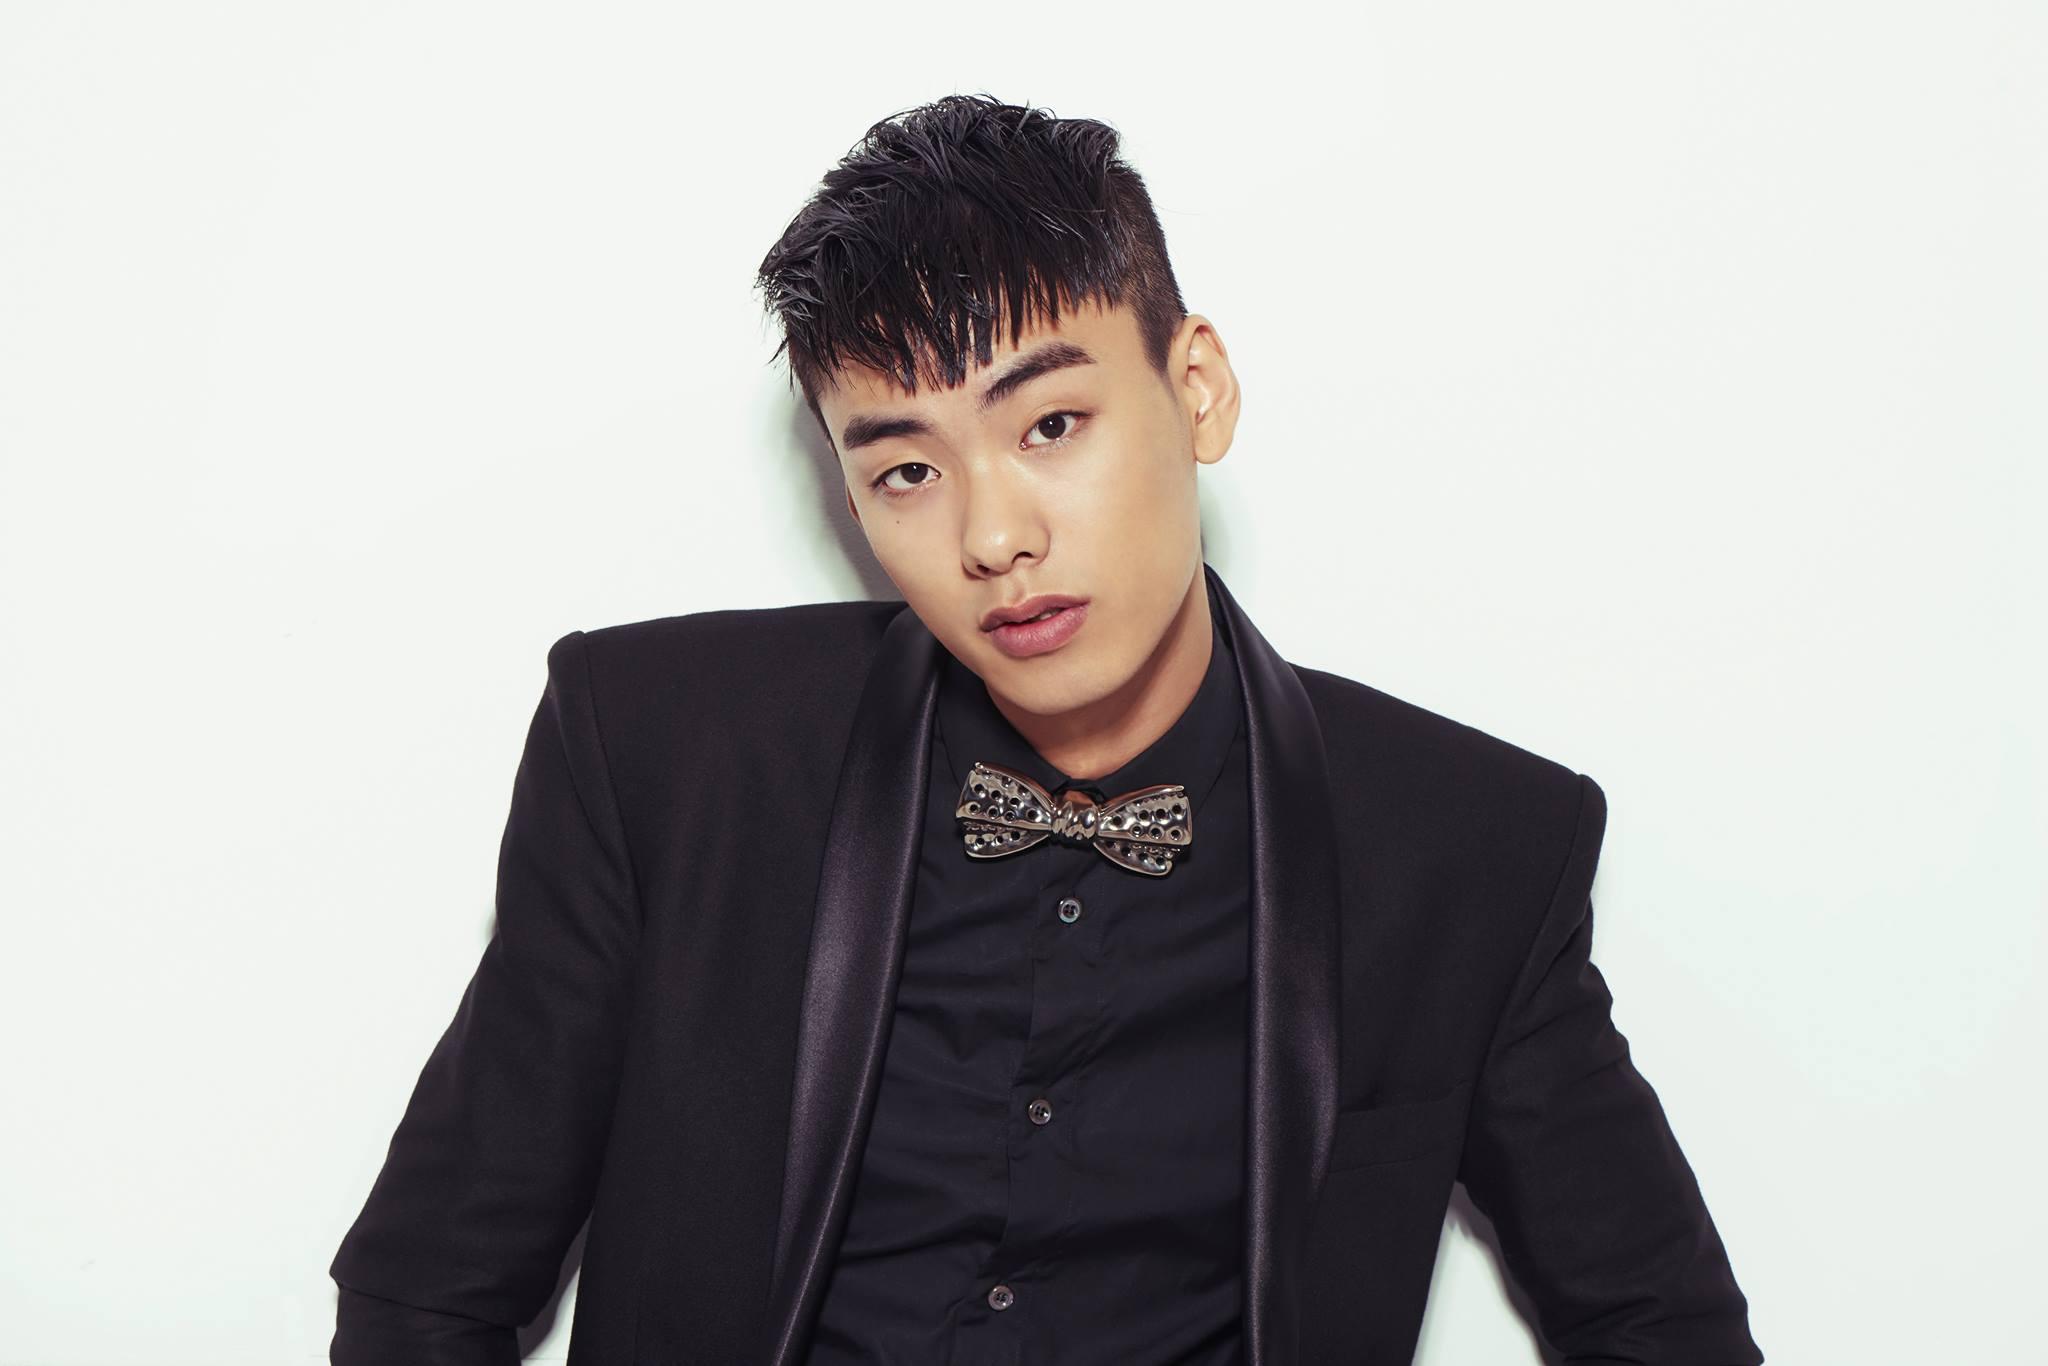 Resultado de imagen para hierro rapero kpop